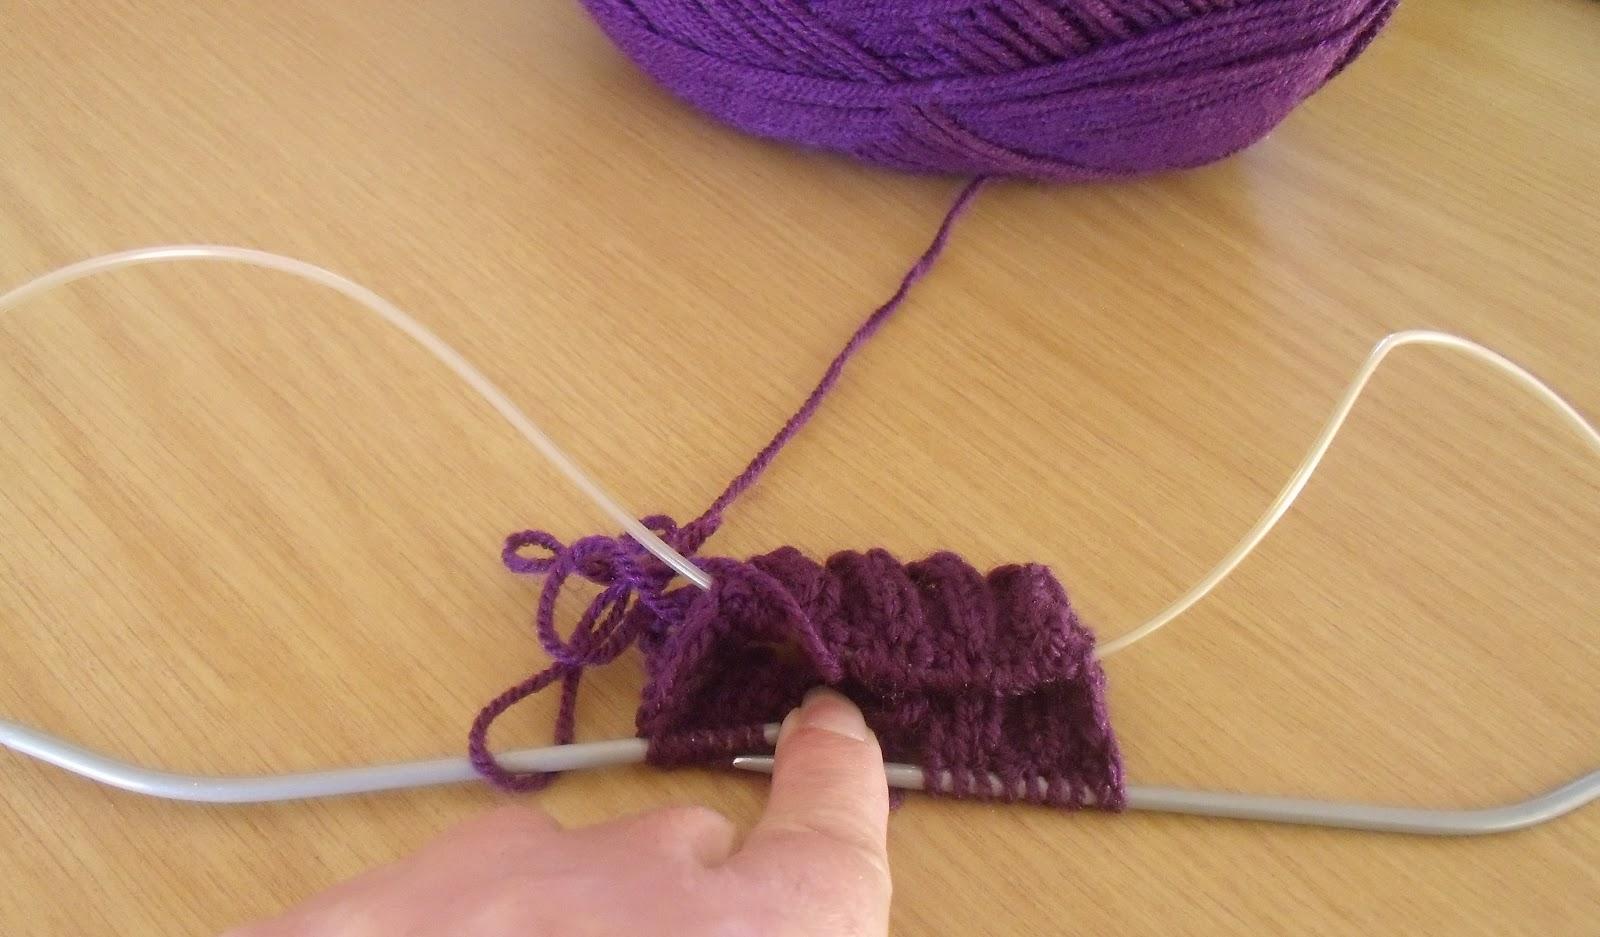 Knitting Mittens With Magic Loop : Janemactats magic loop knitting